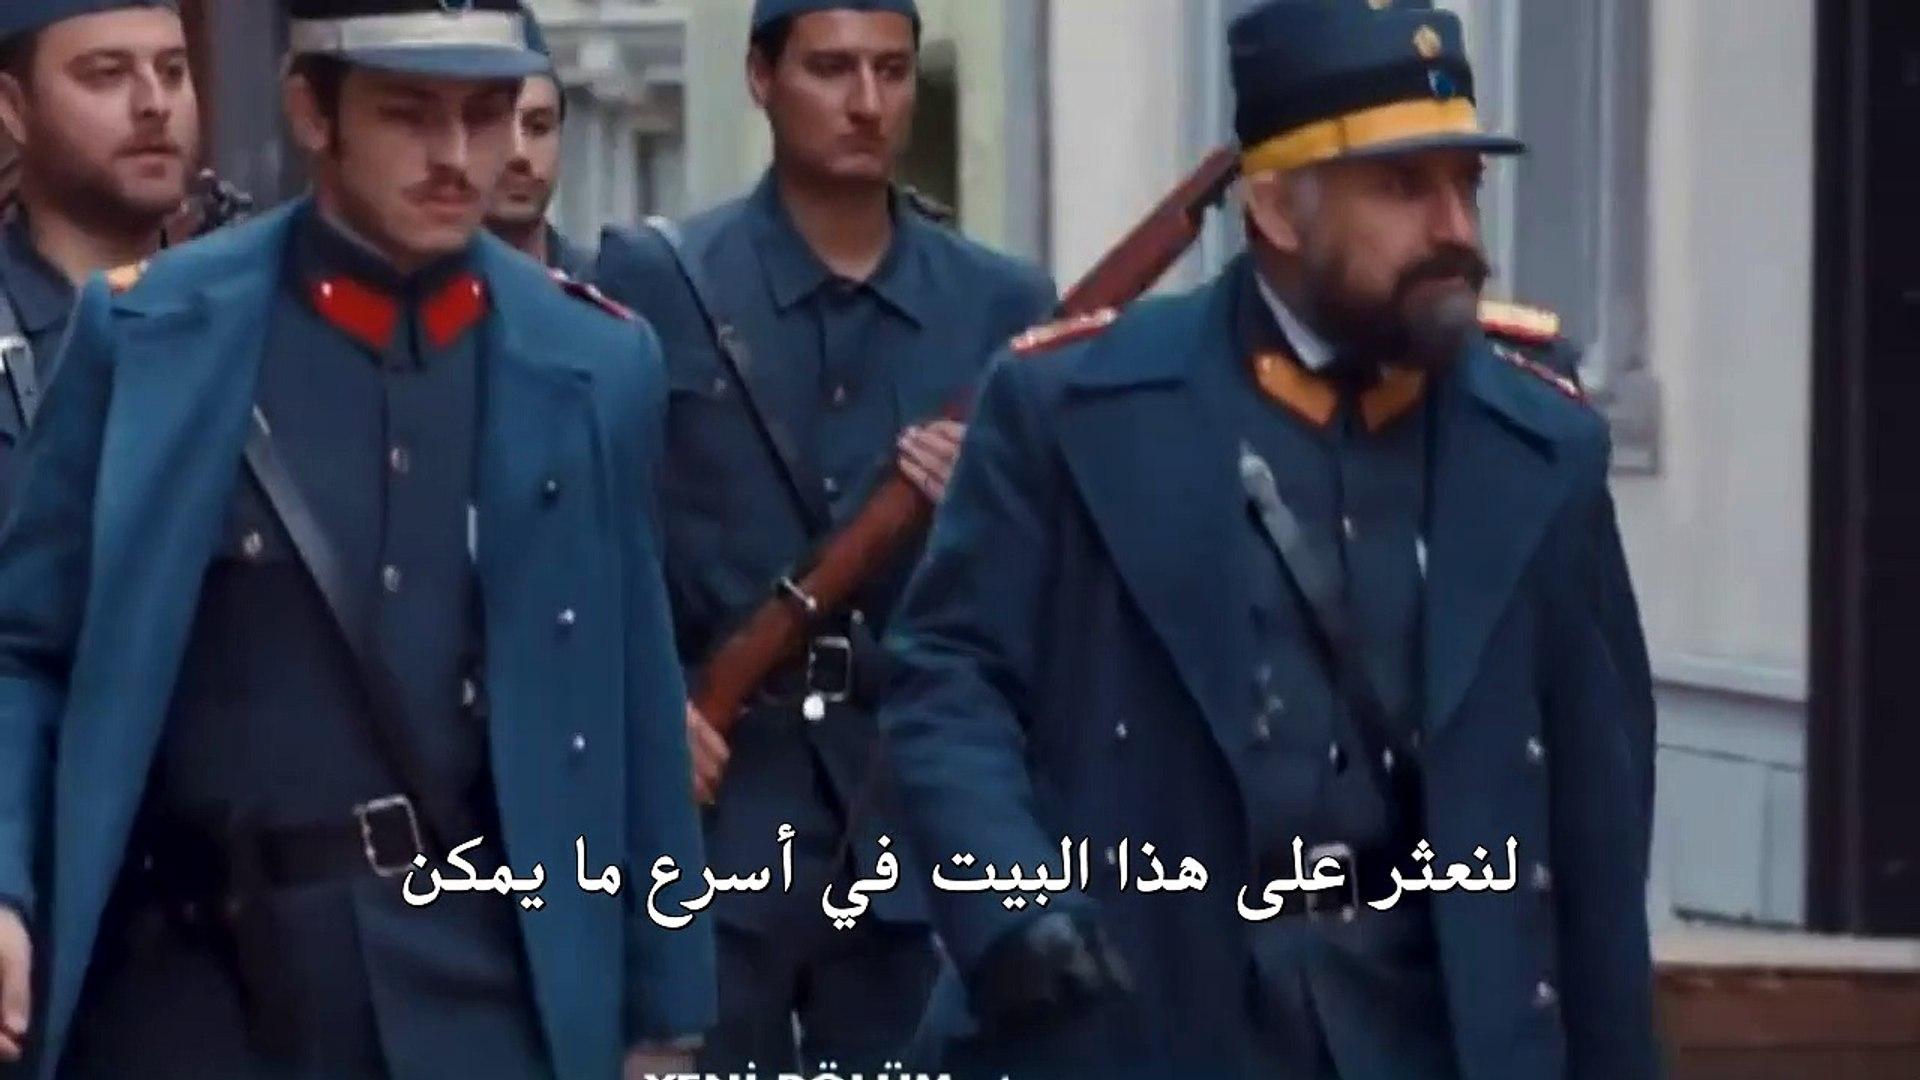 مسلسل أنت وطني الموسم 2 الحلقة 21 إعلان 1 مترجم للعربية Video